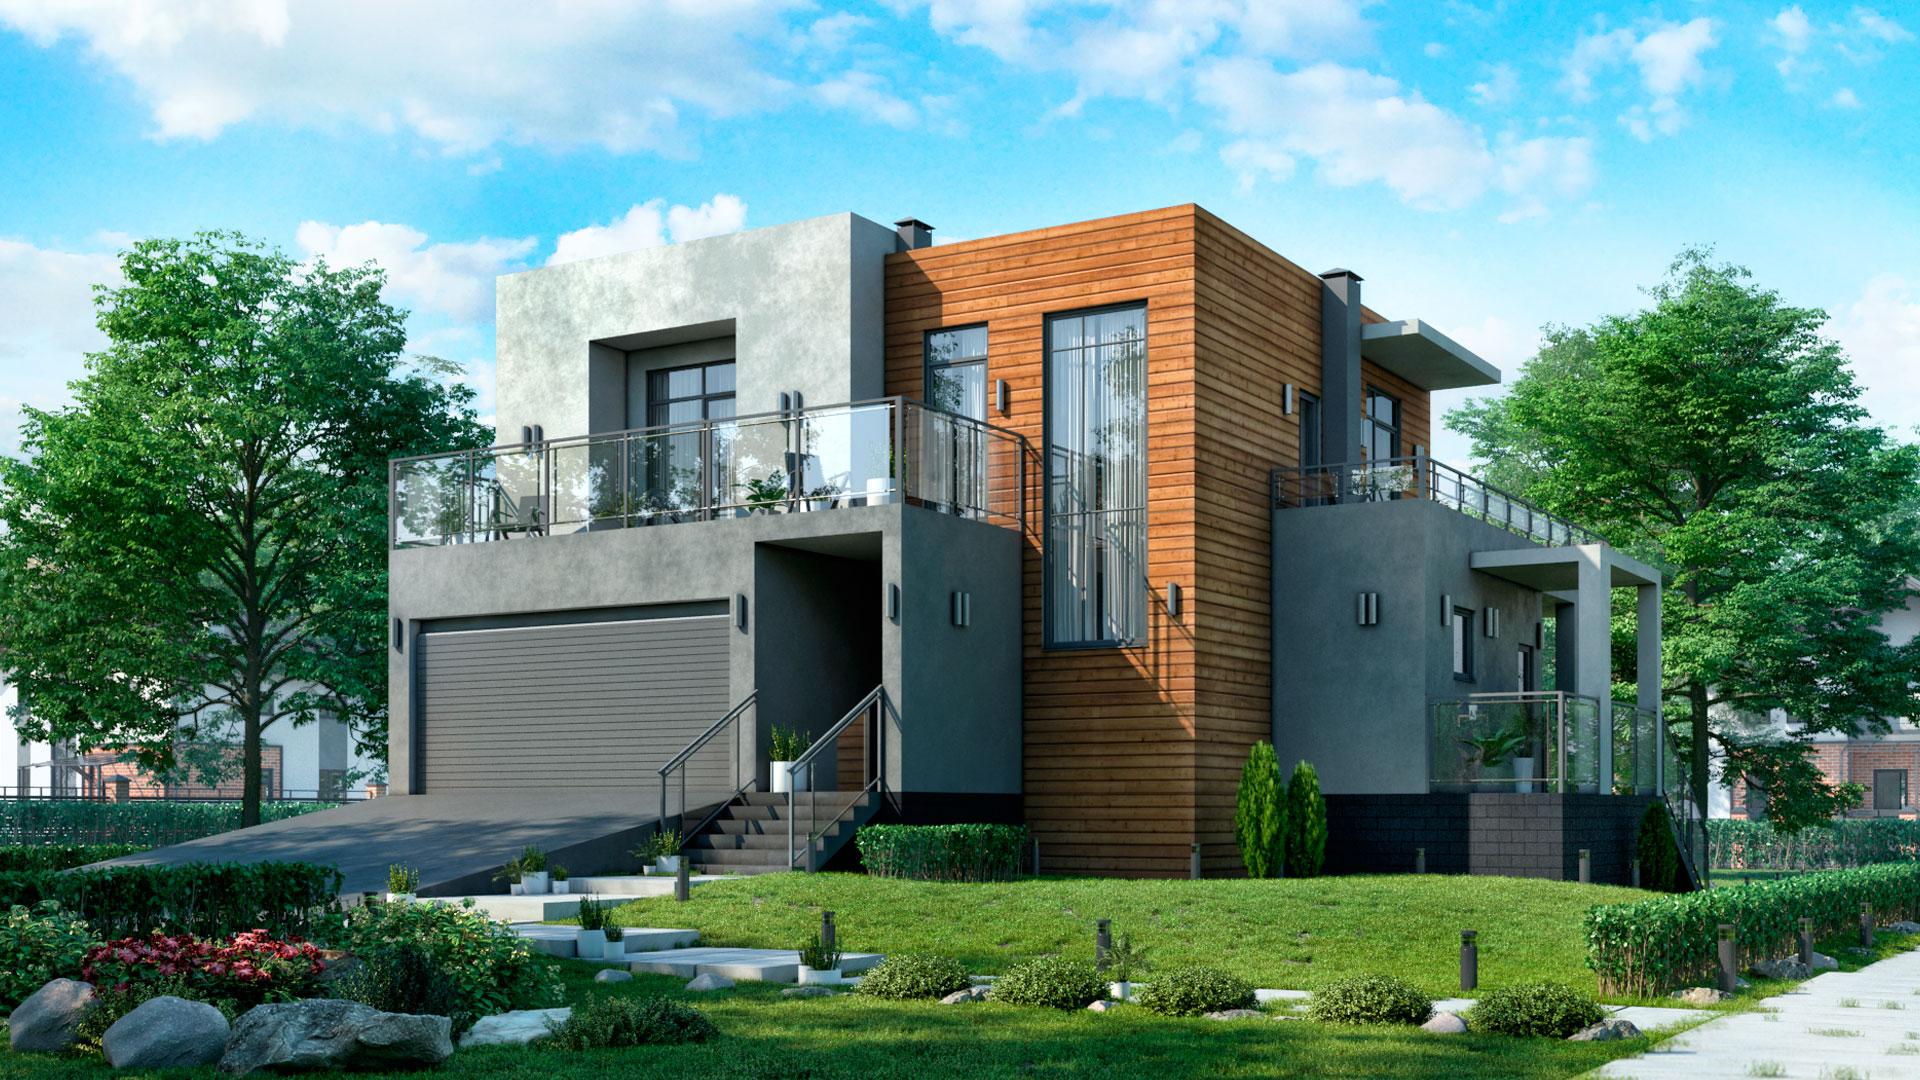 Передний фасад двухэтажного дома с гаражом на две машины 186,50 м2. Проект БЭНПАН-274.